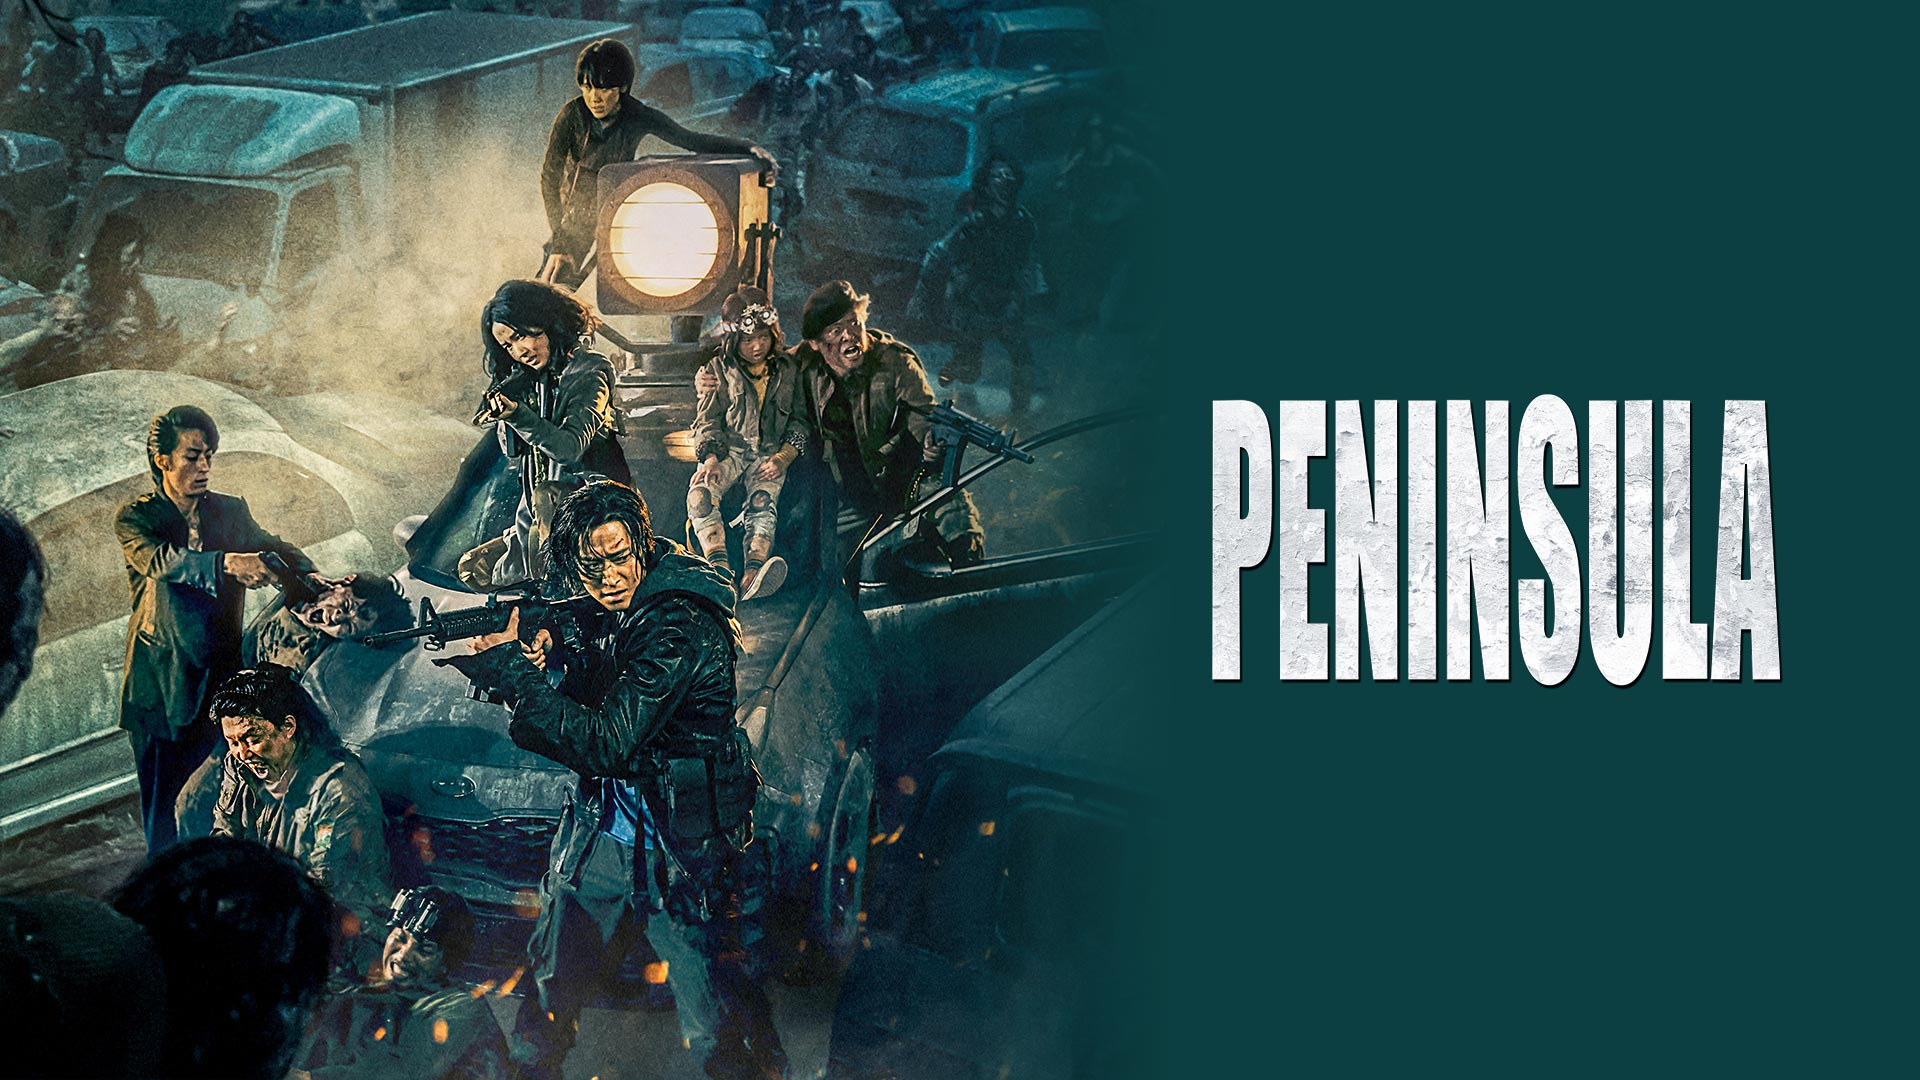 Peninsula (4K UHD)